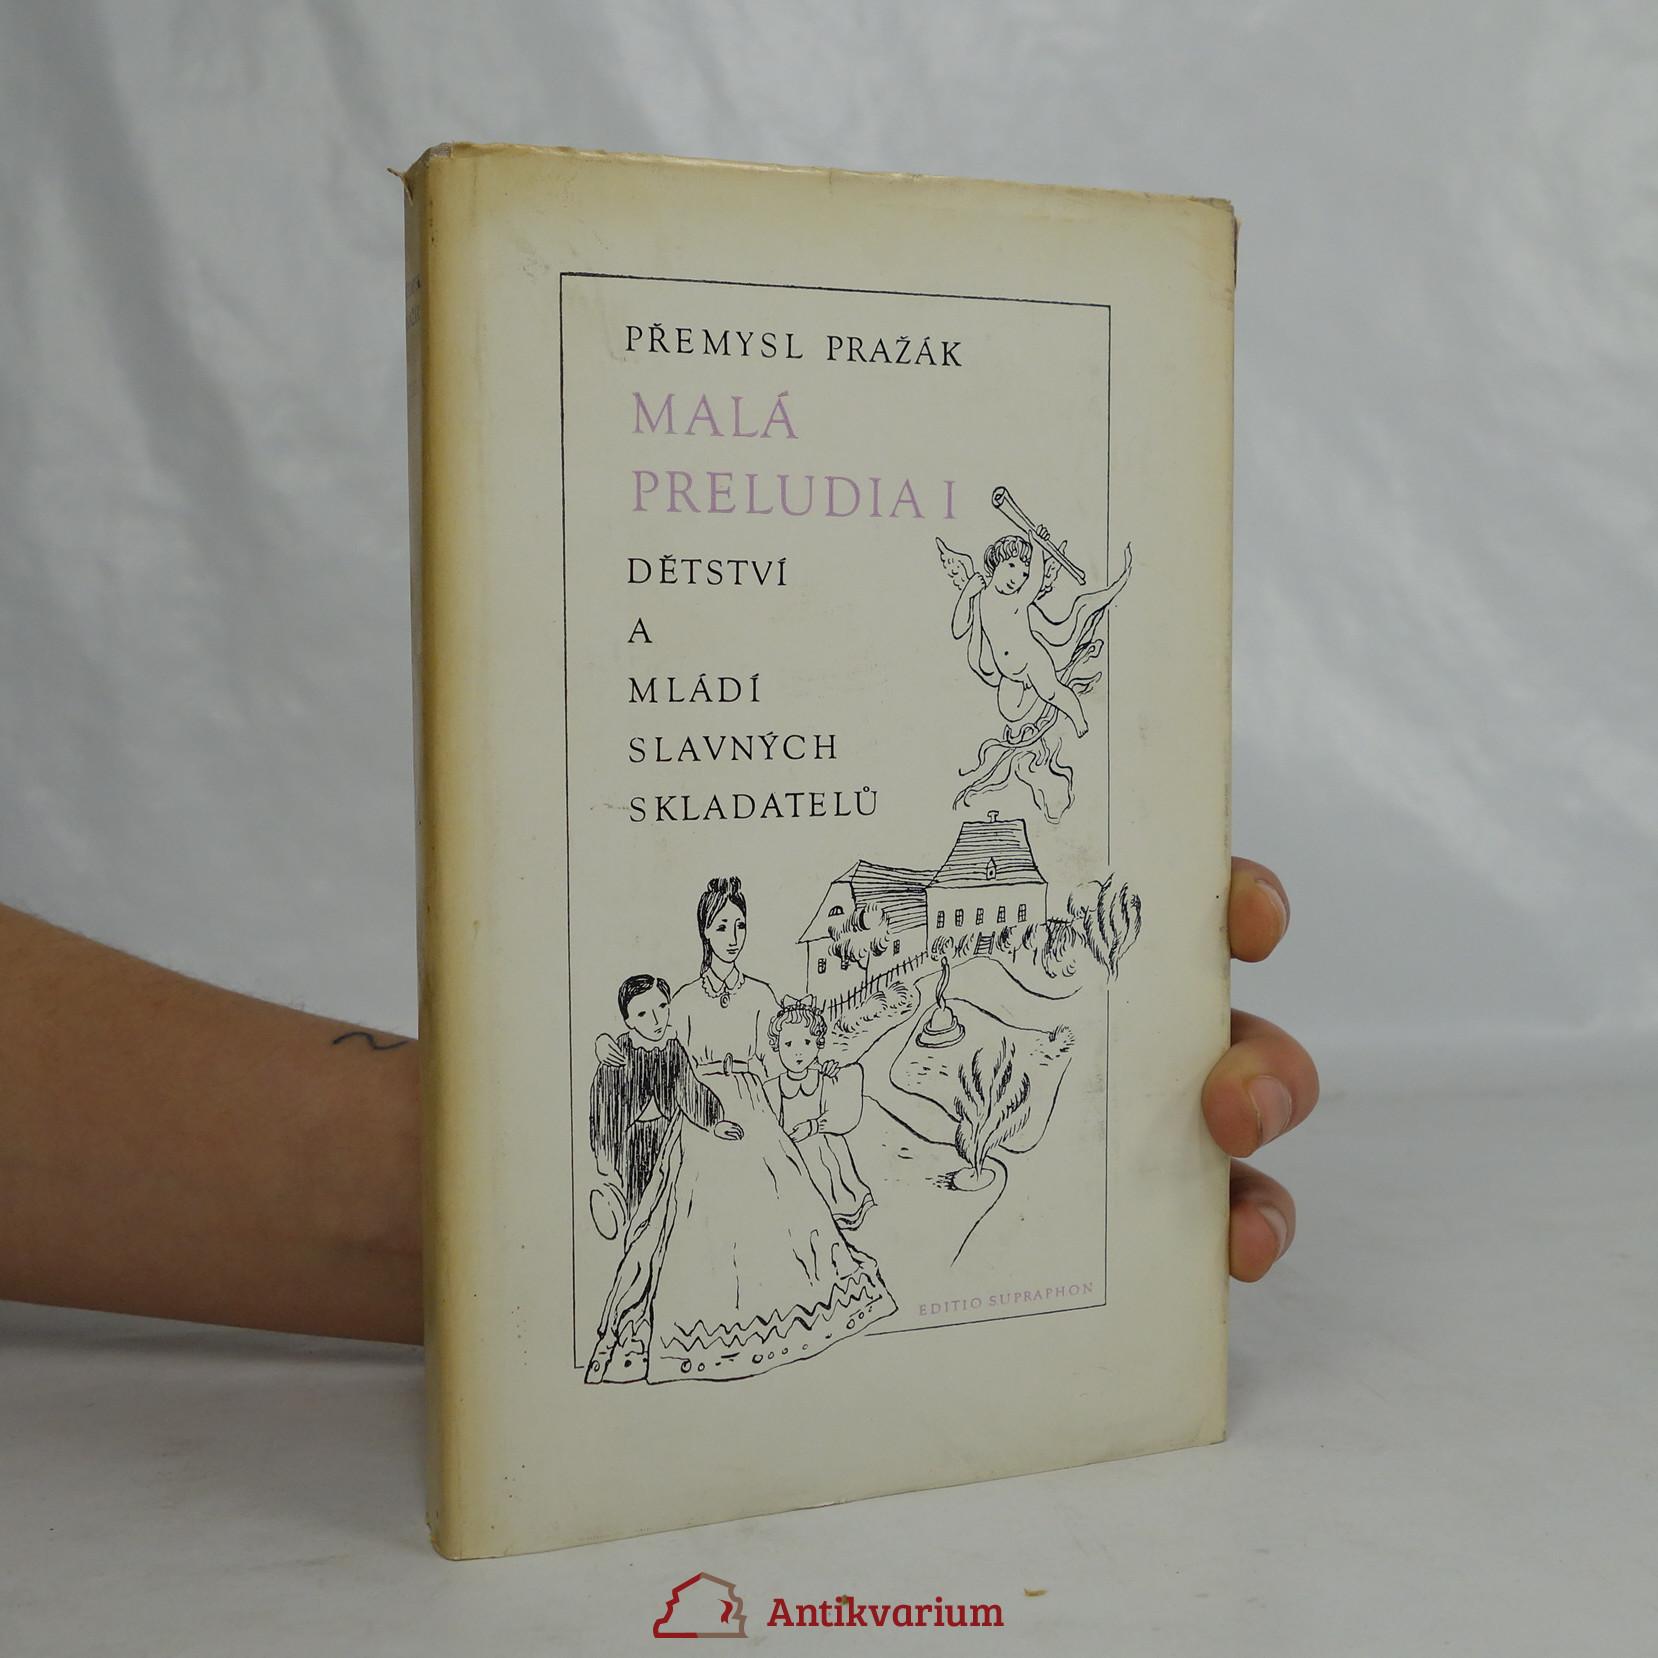 antikvární kniha Malá preludia 1, 1972